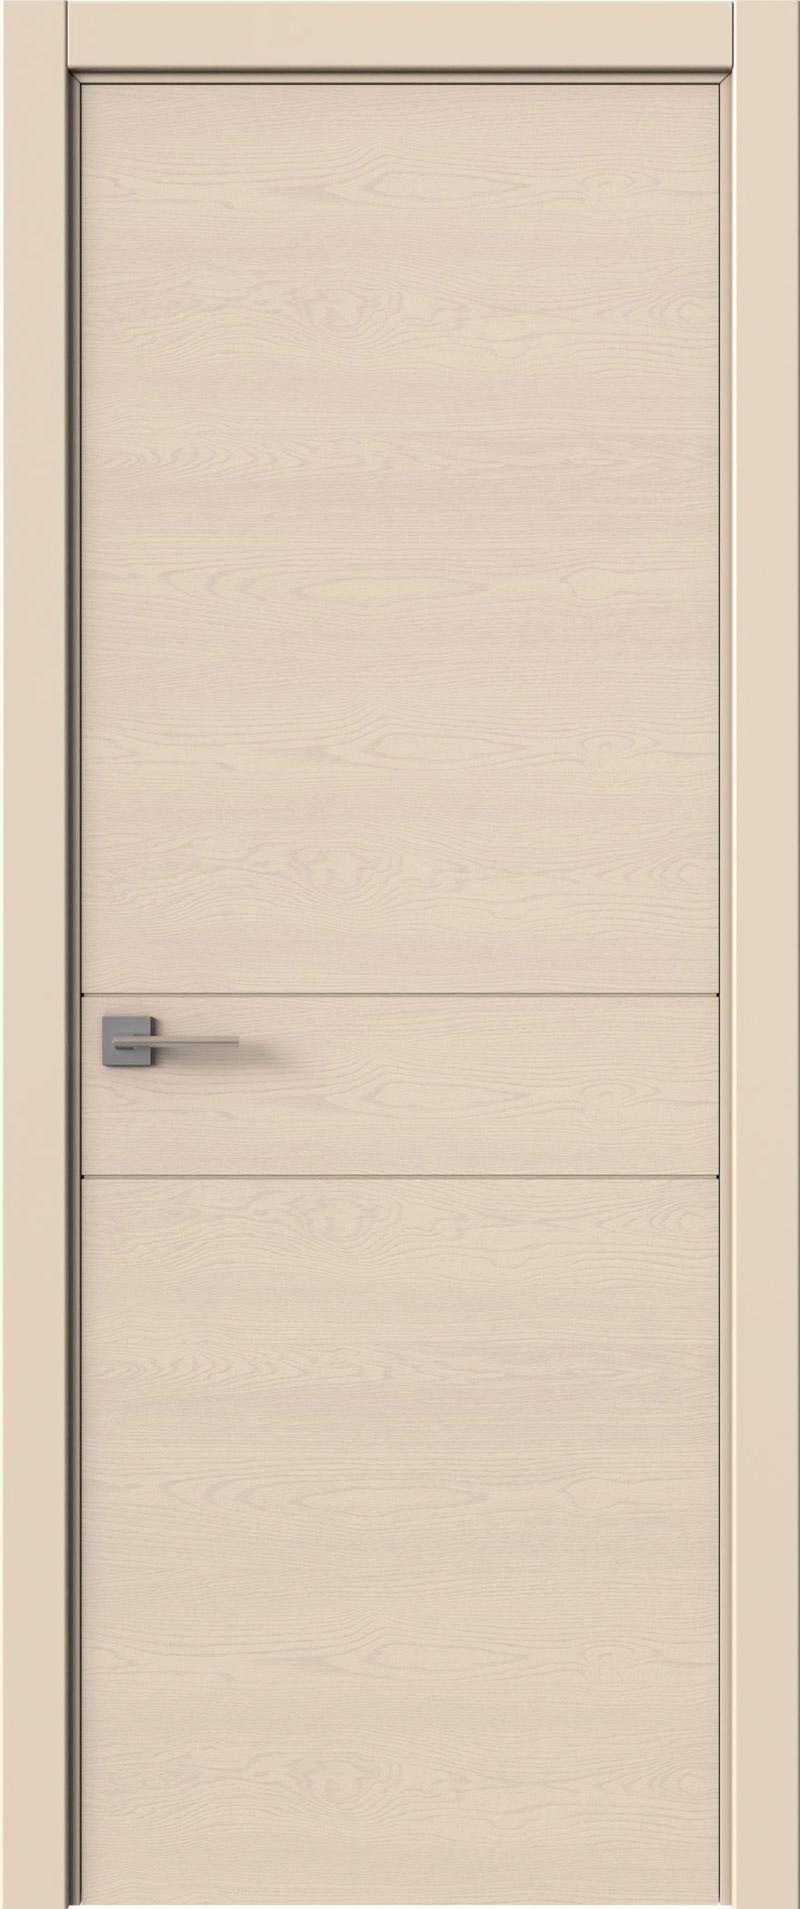 Tivoli И-2 цвет - Жемчужная эмаль по шпону (RAL 1013) Без стекла (ДГ)